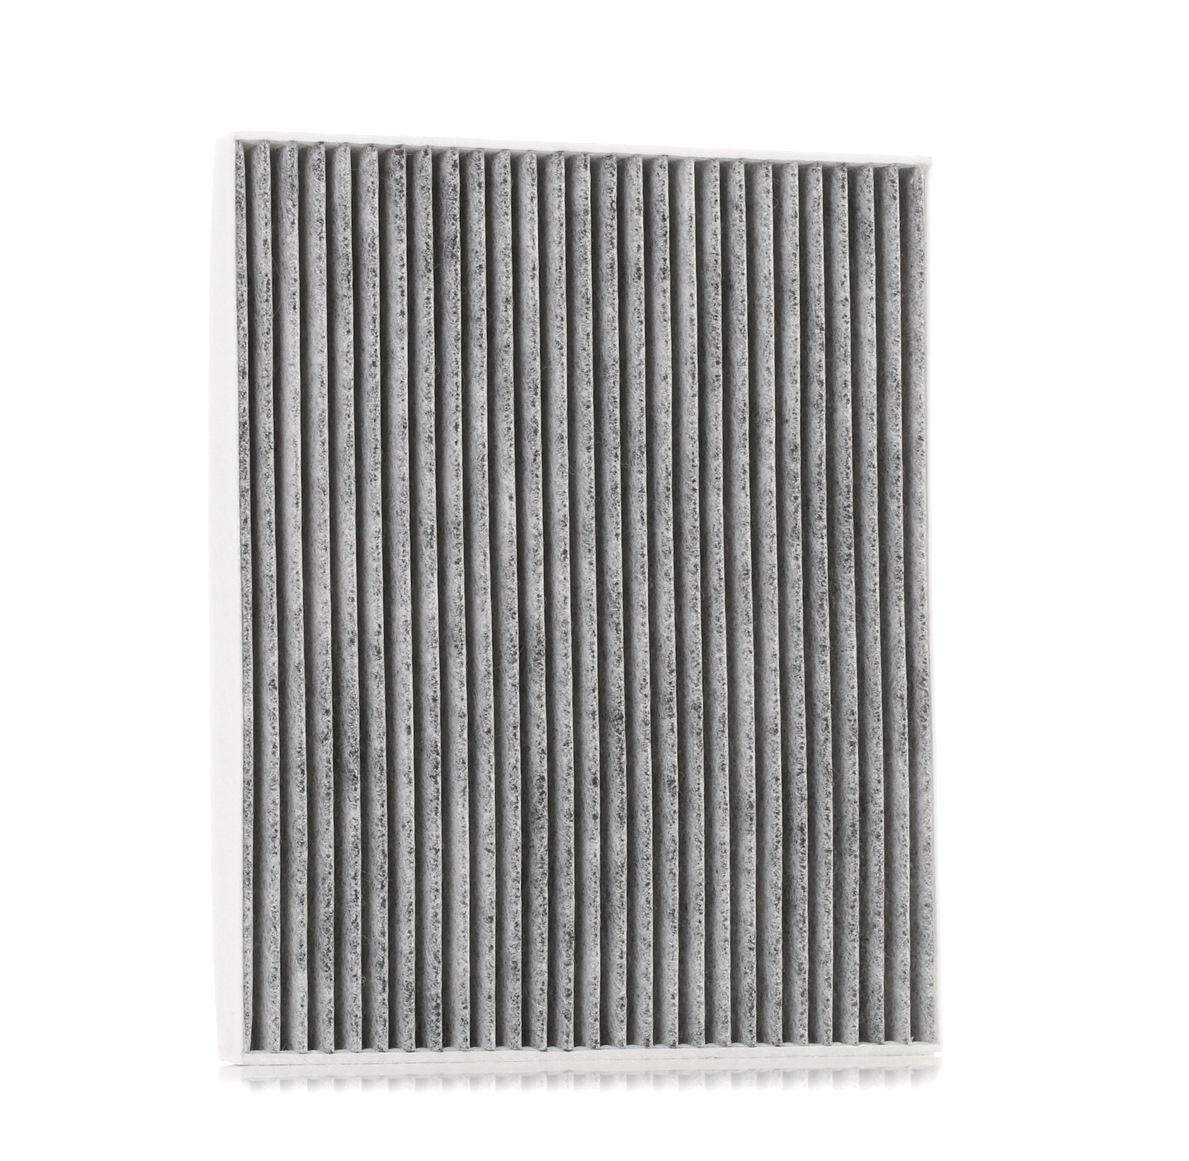 RIDEX: Original Pollenfilter 424I0041 (Breite: 218mm, Höhe: 21mm, Länge: 266mm)